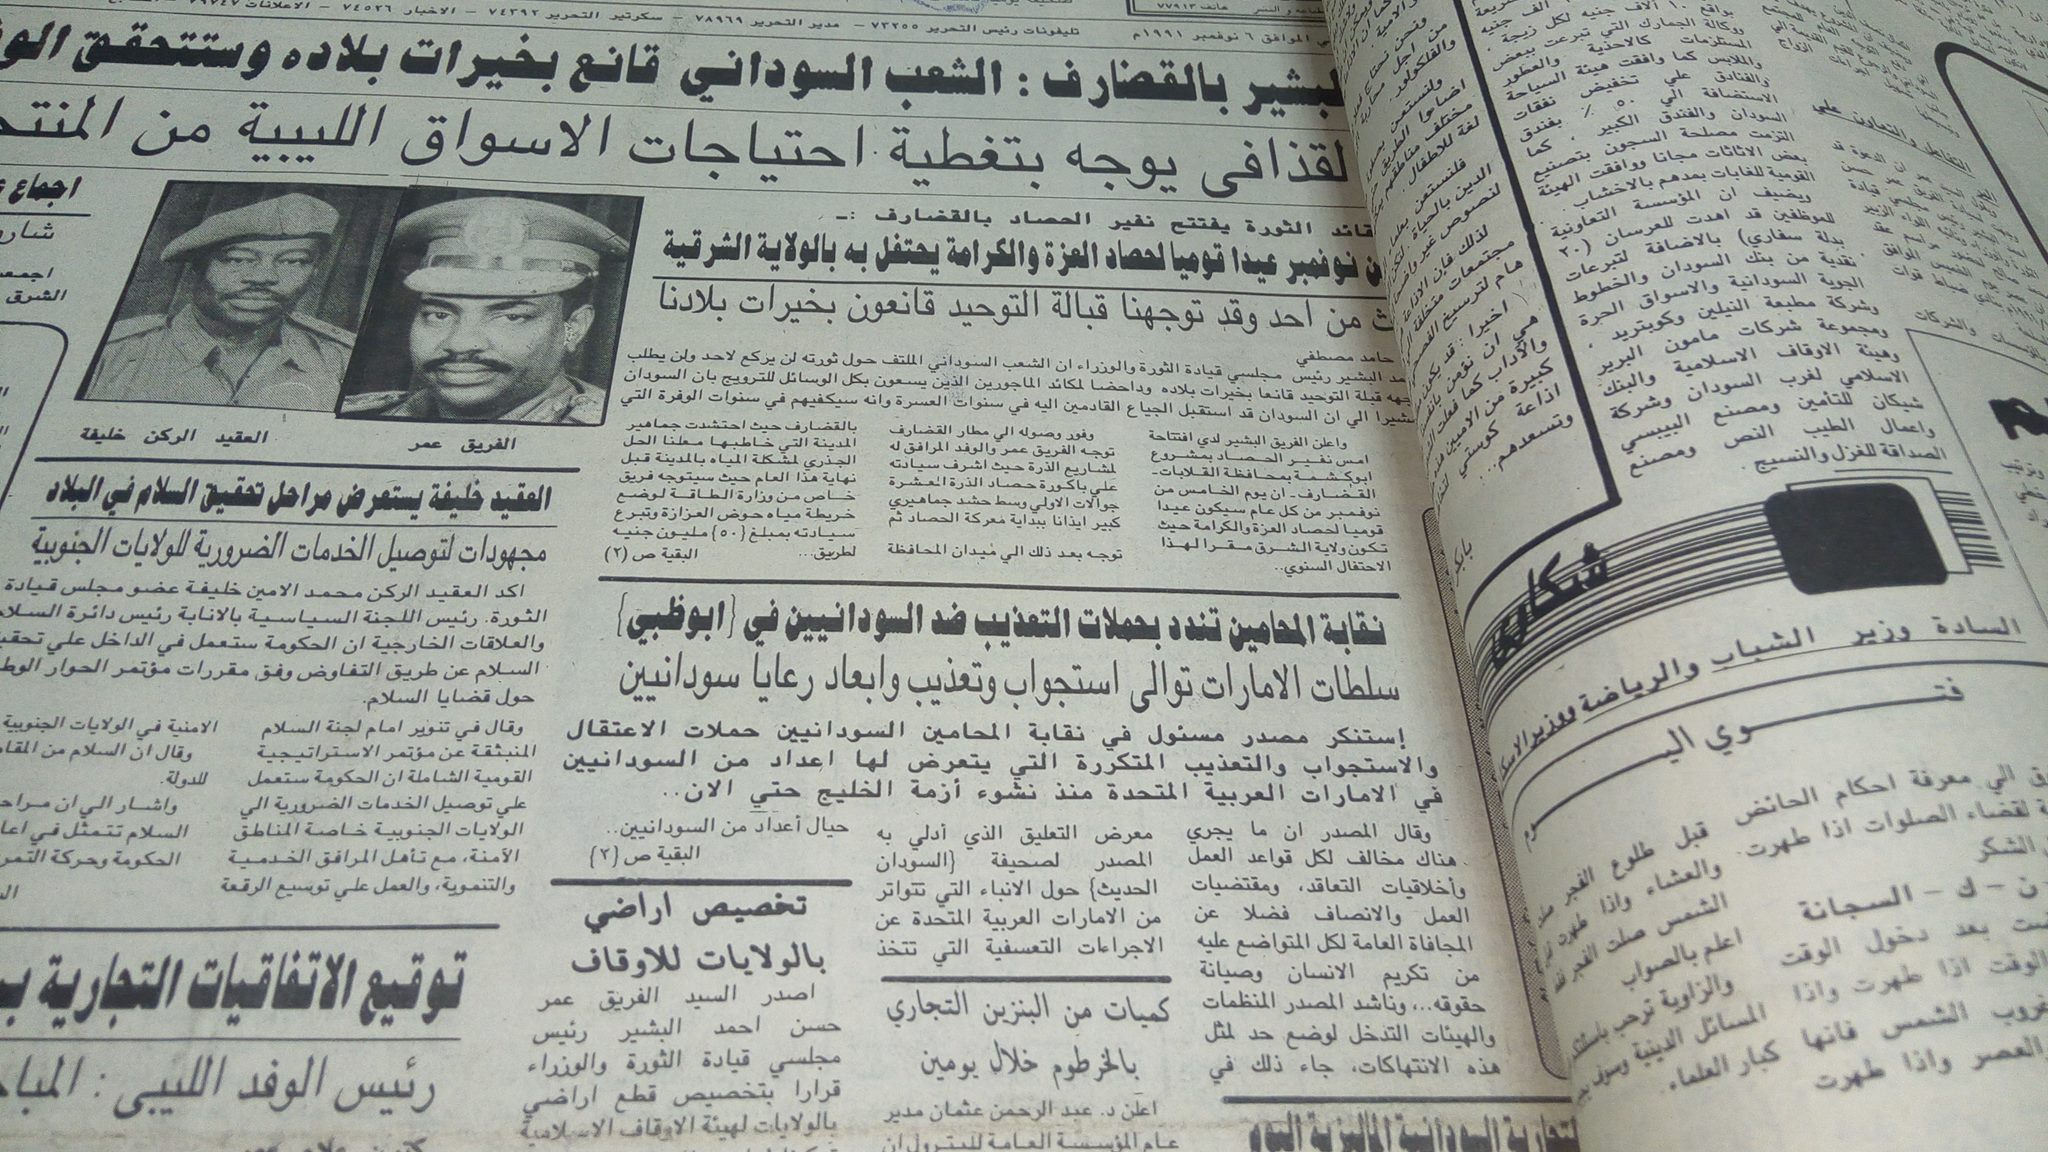 صحيفة سودانية تنشر خبر اعتراض نقابة المحامين السودانية على حملات التعذيب ضد سودانيين في الإمارات